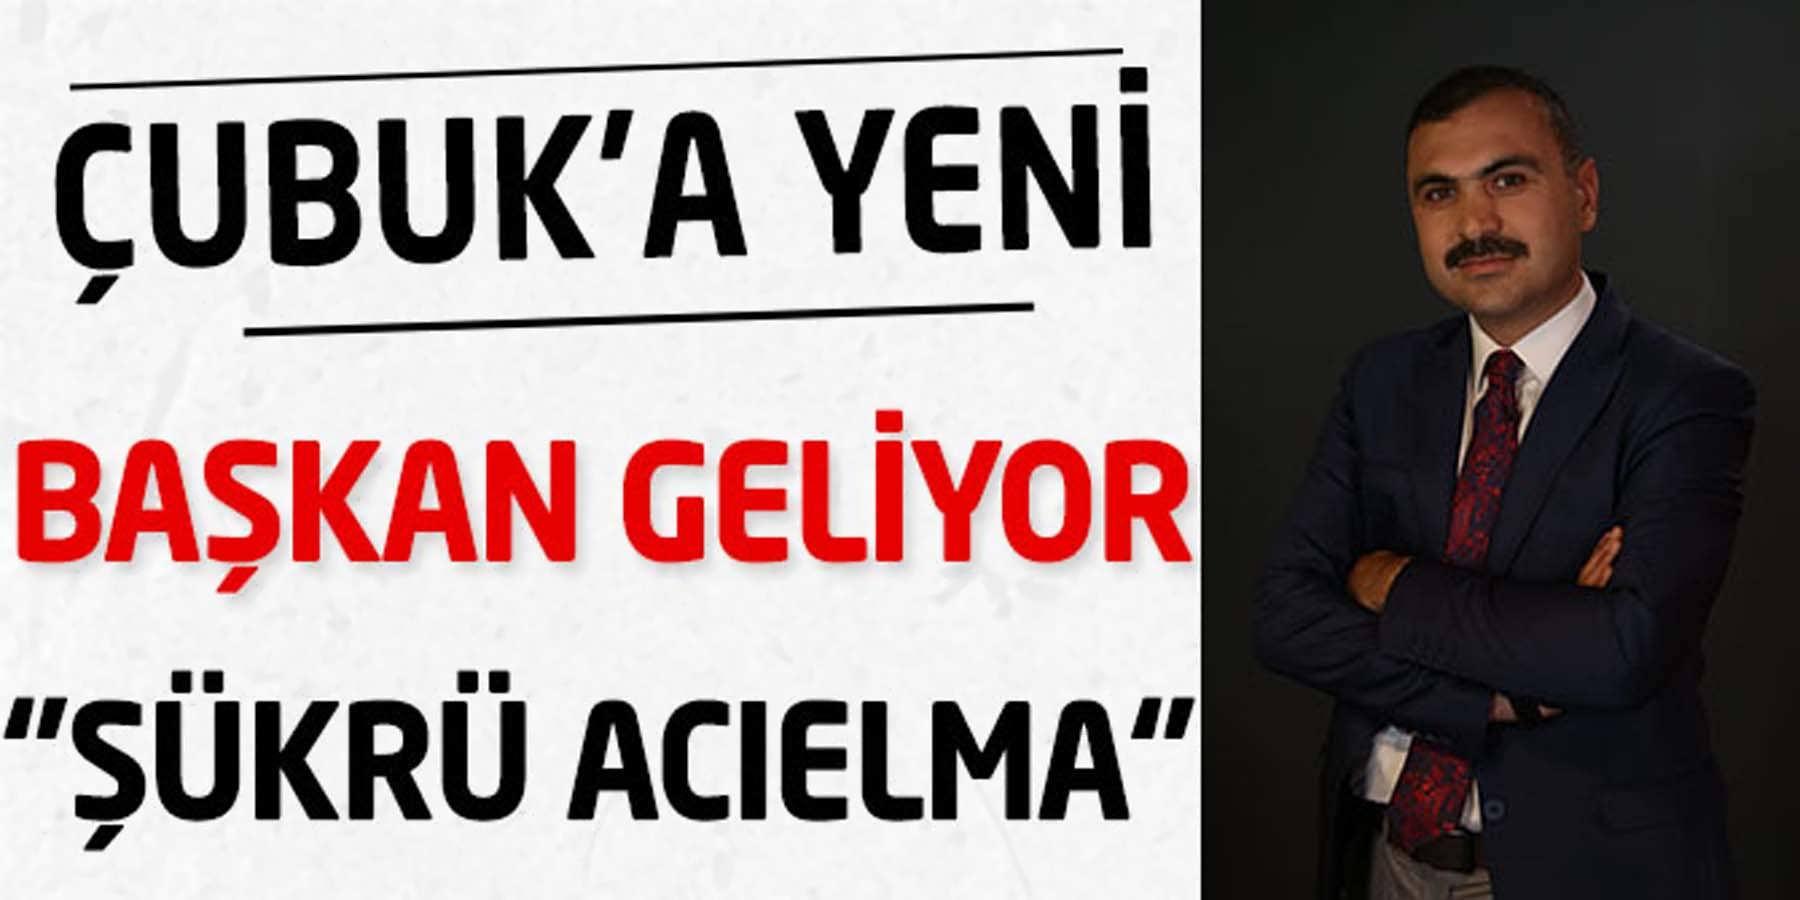 Çubuk'a Yeni Başkan Geliyor ''Şükrü Acıelma''